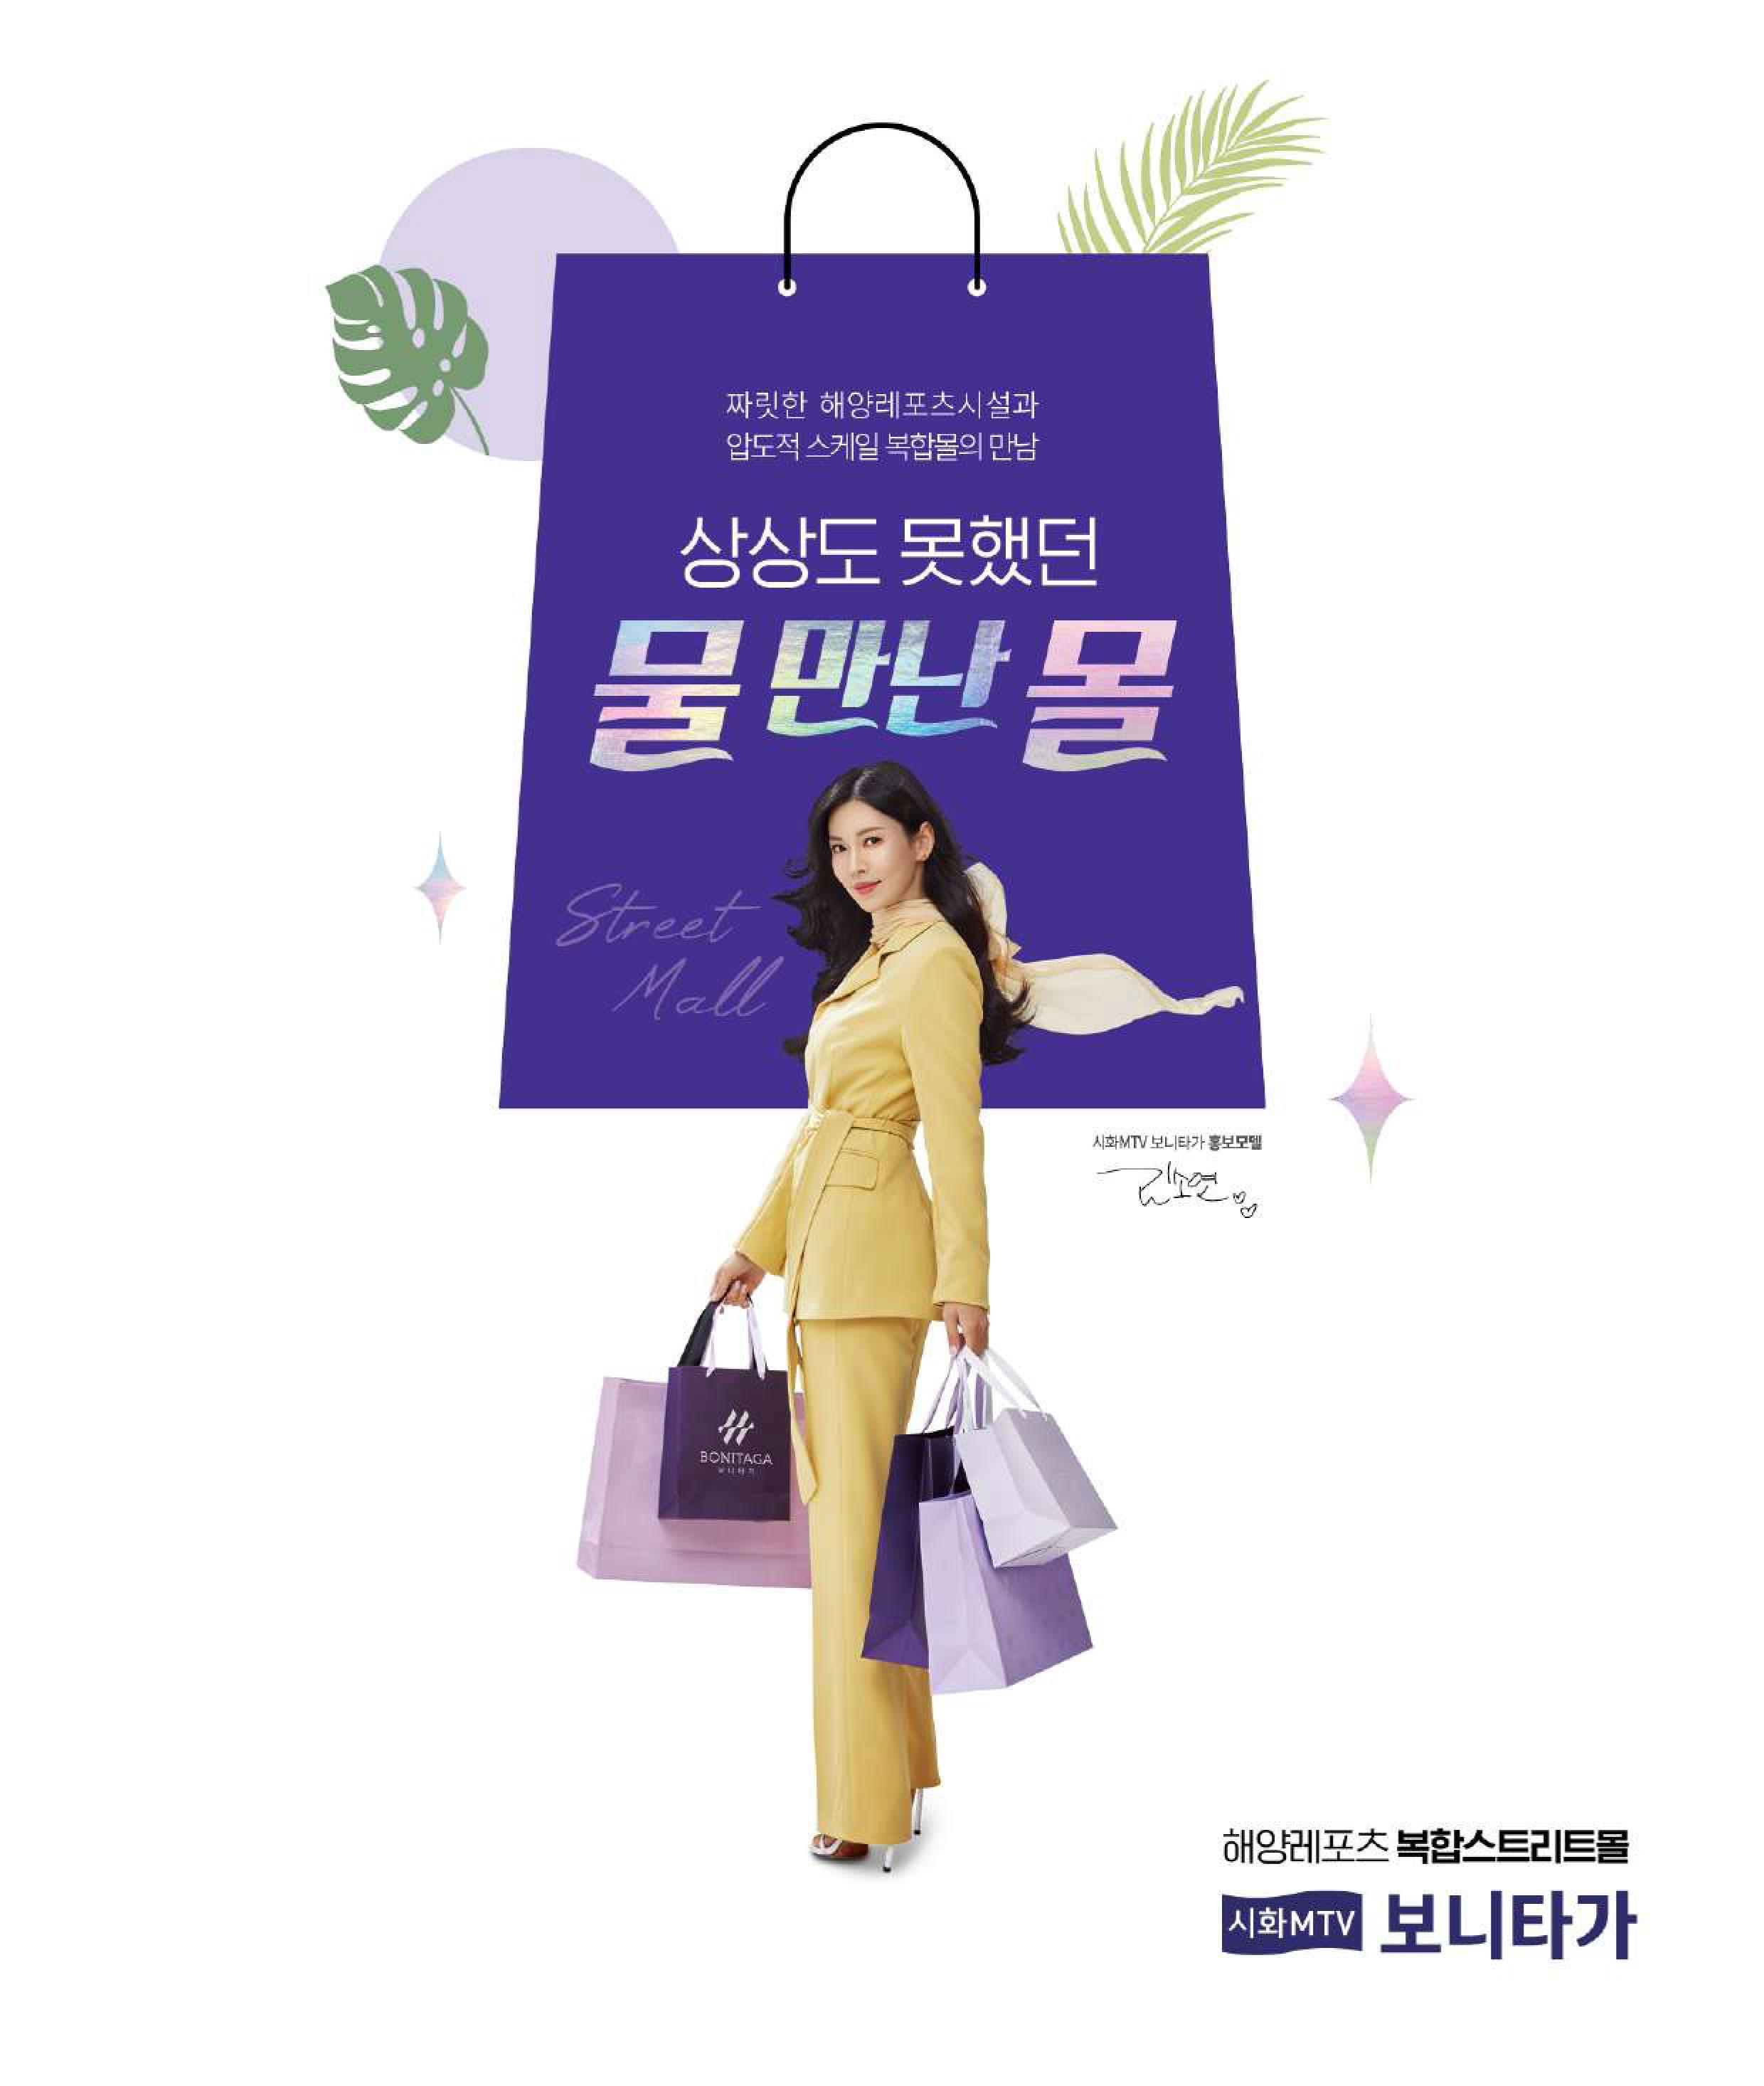 시흥-MTV-거북섬-보니타가-main1.jpg